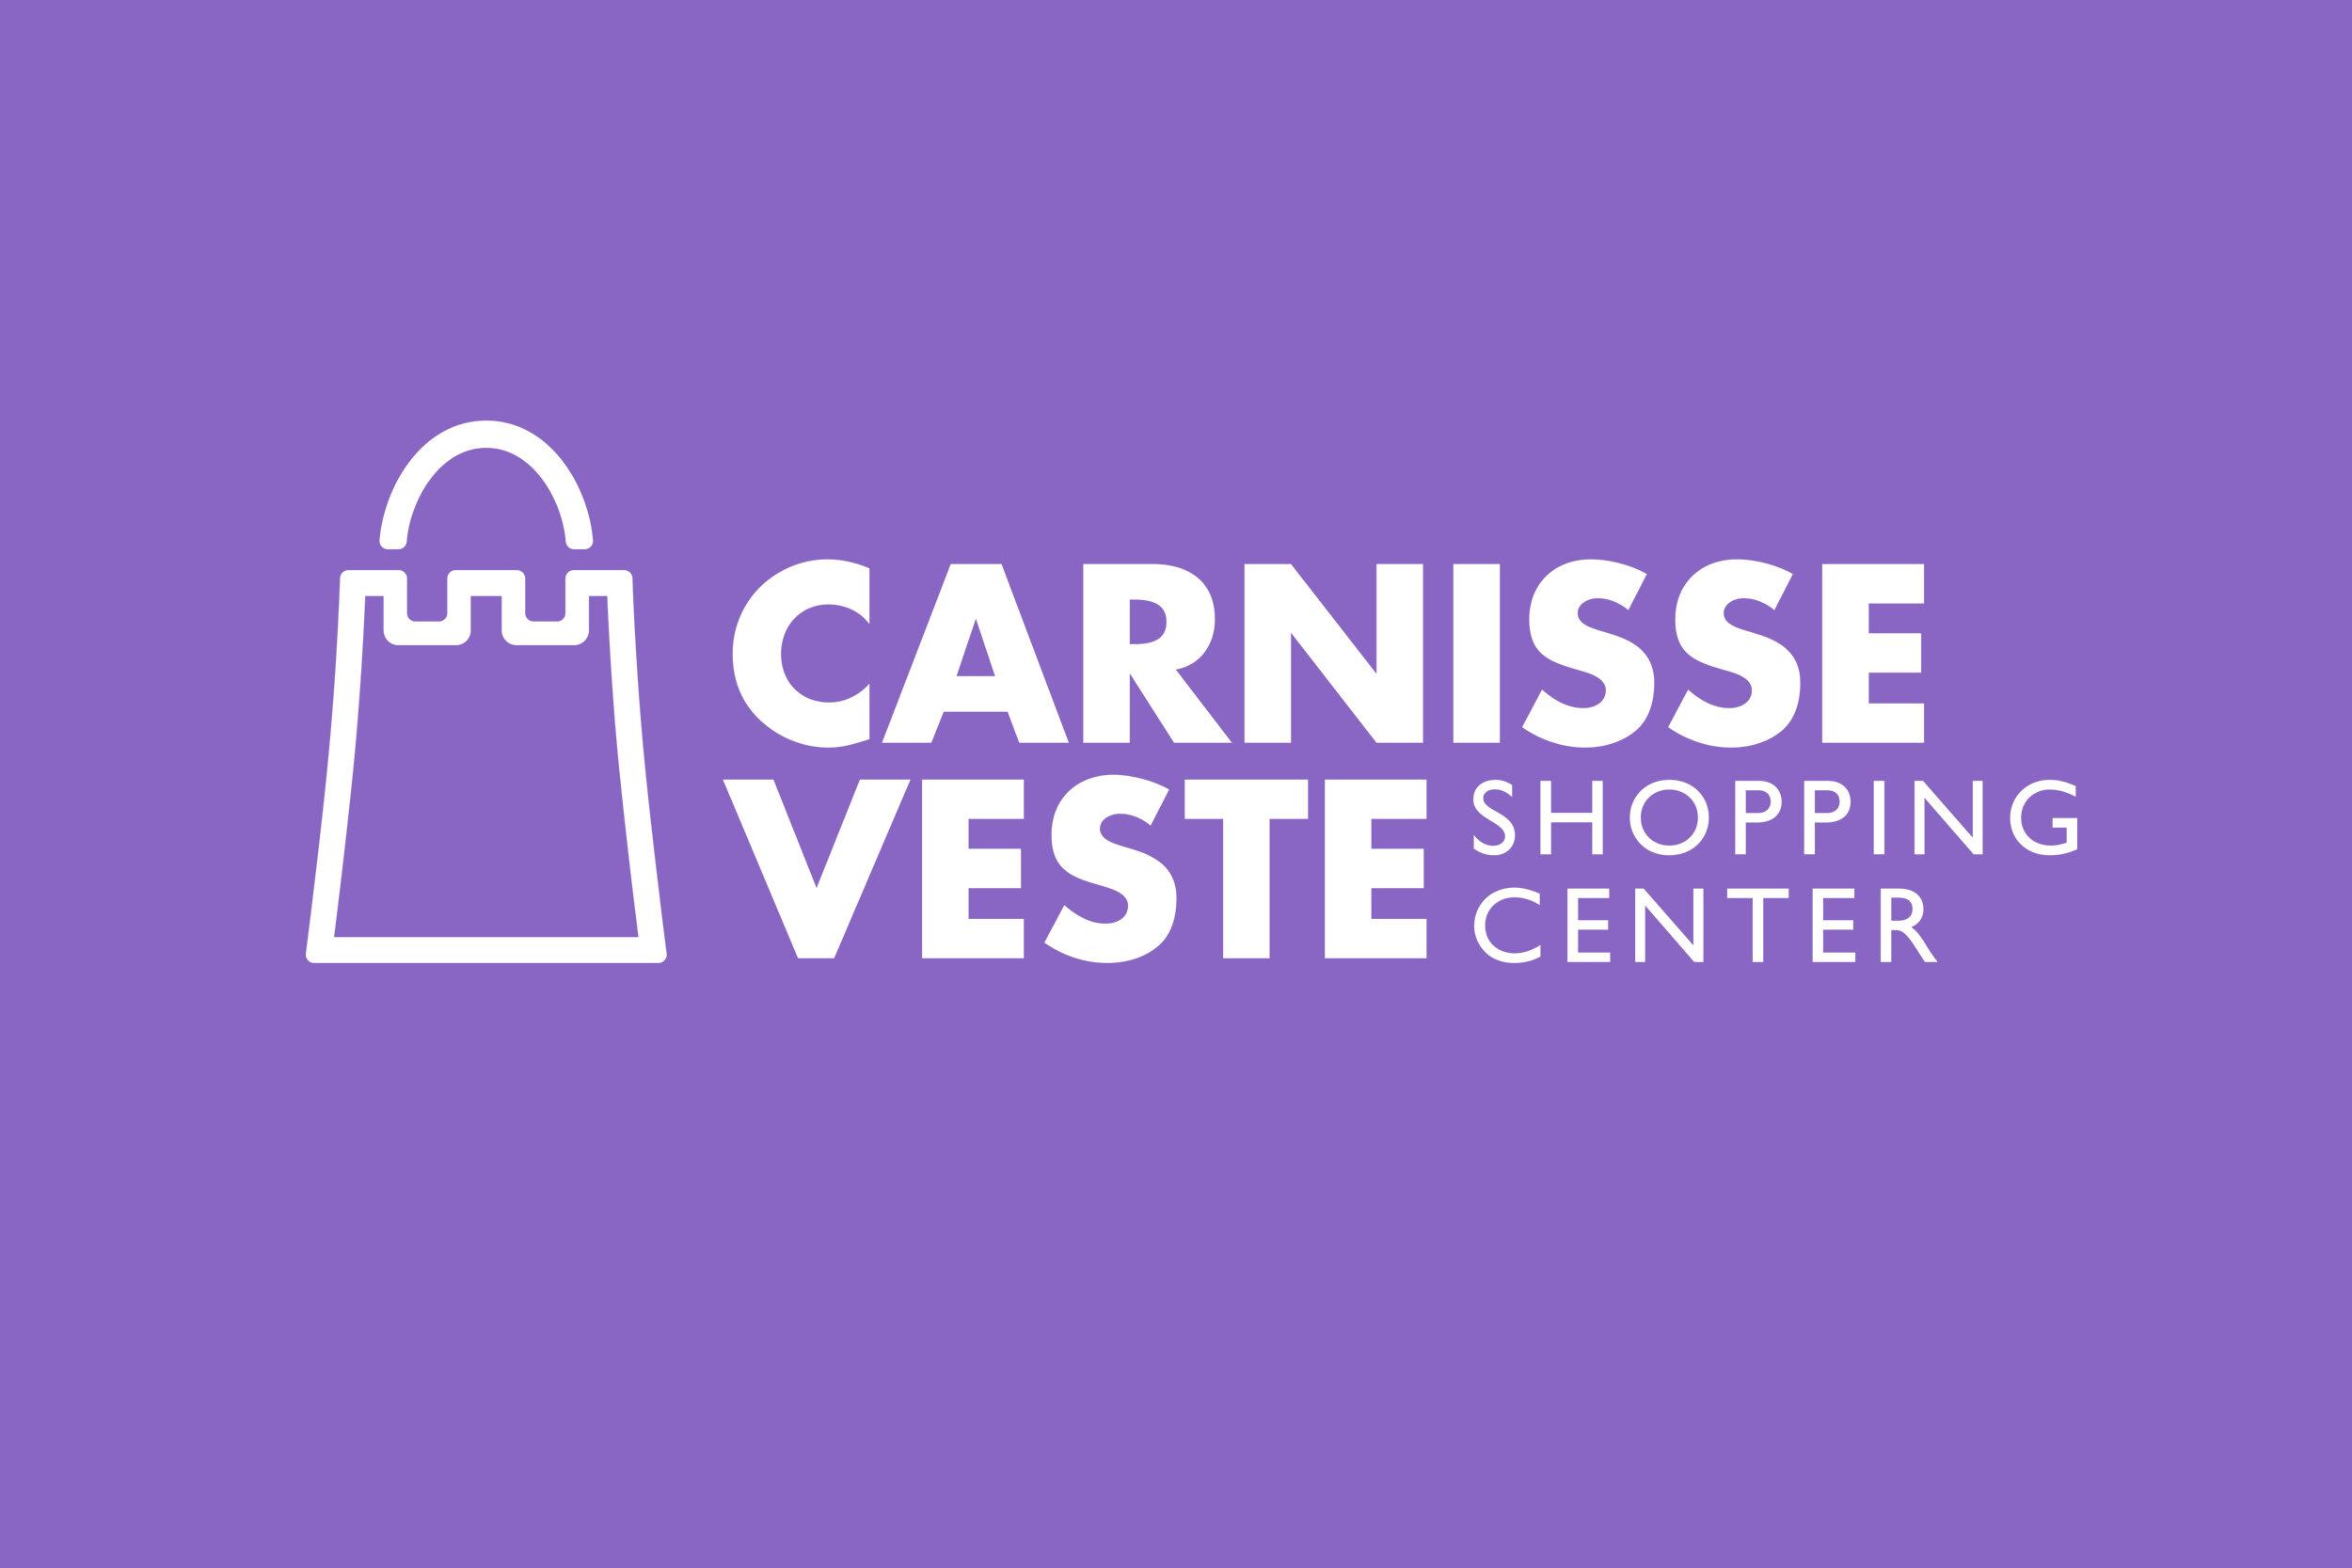 Logo_CarnisseVeste2_Shortlife.jpg